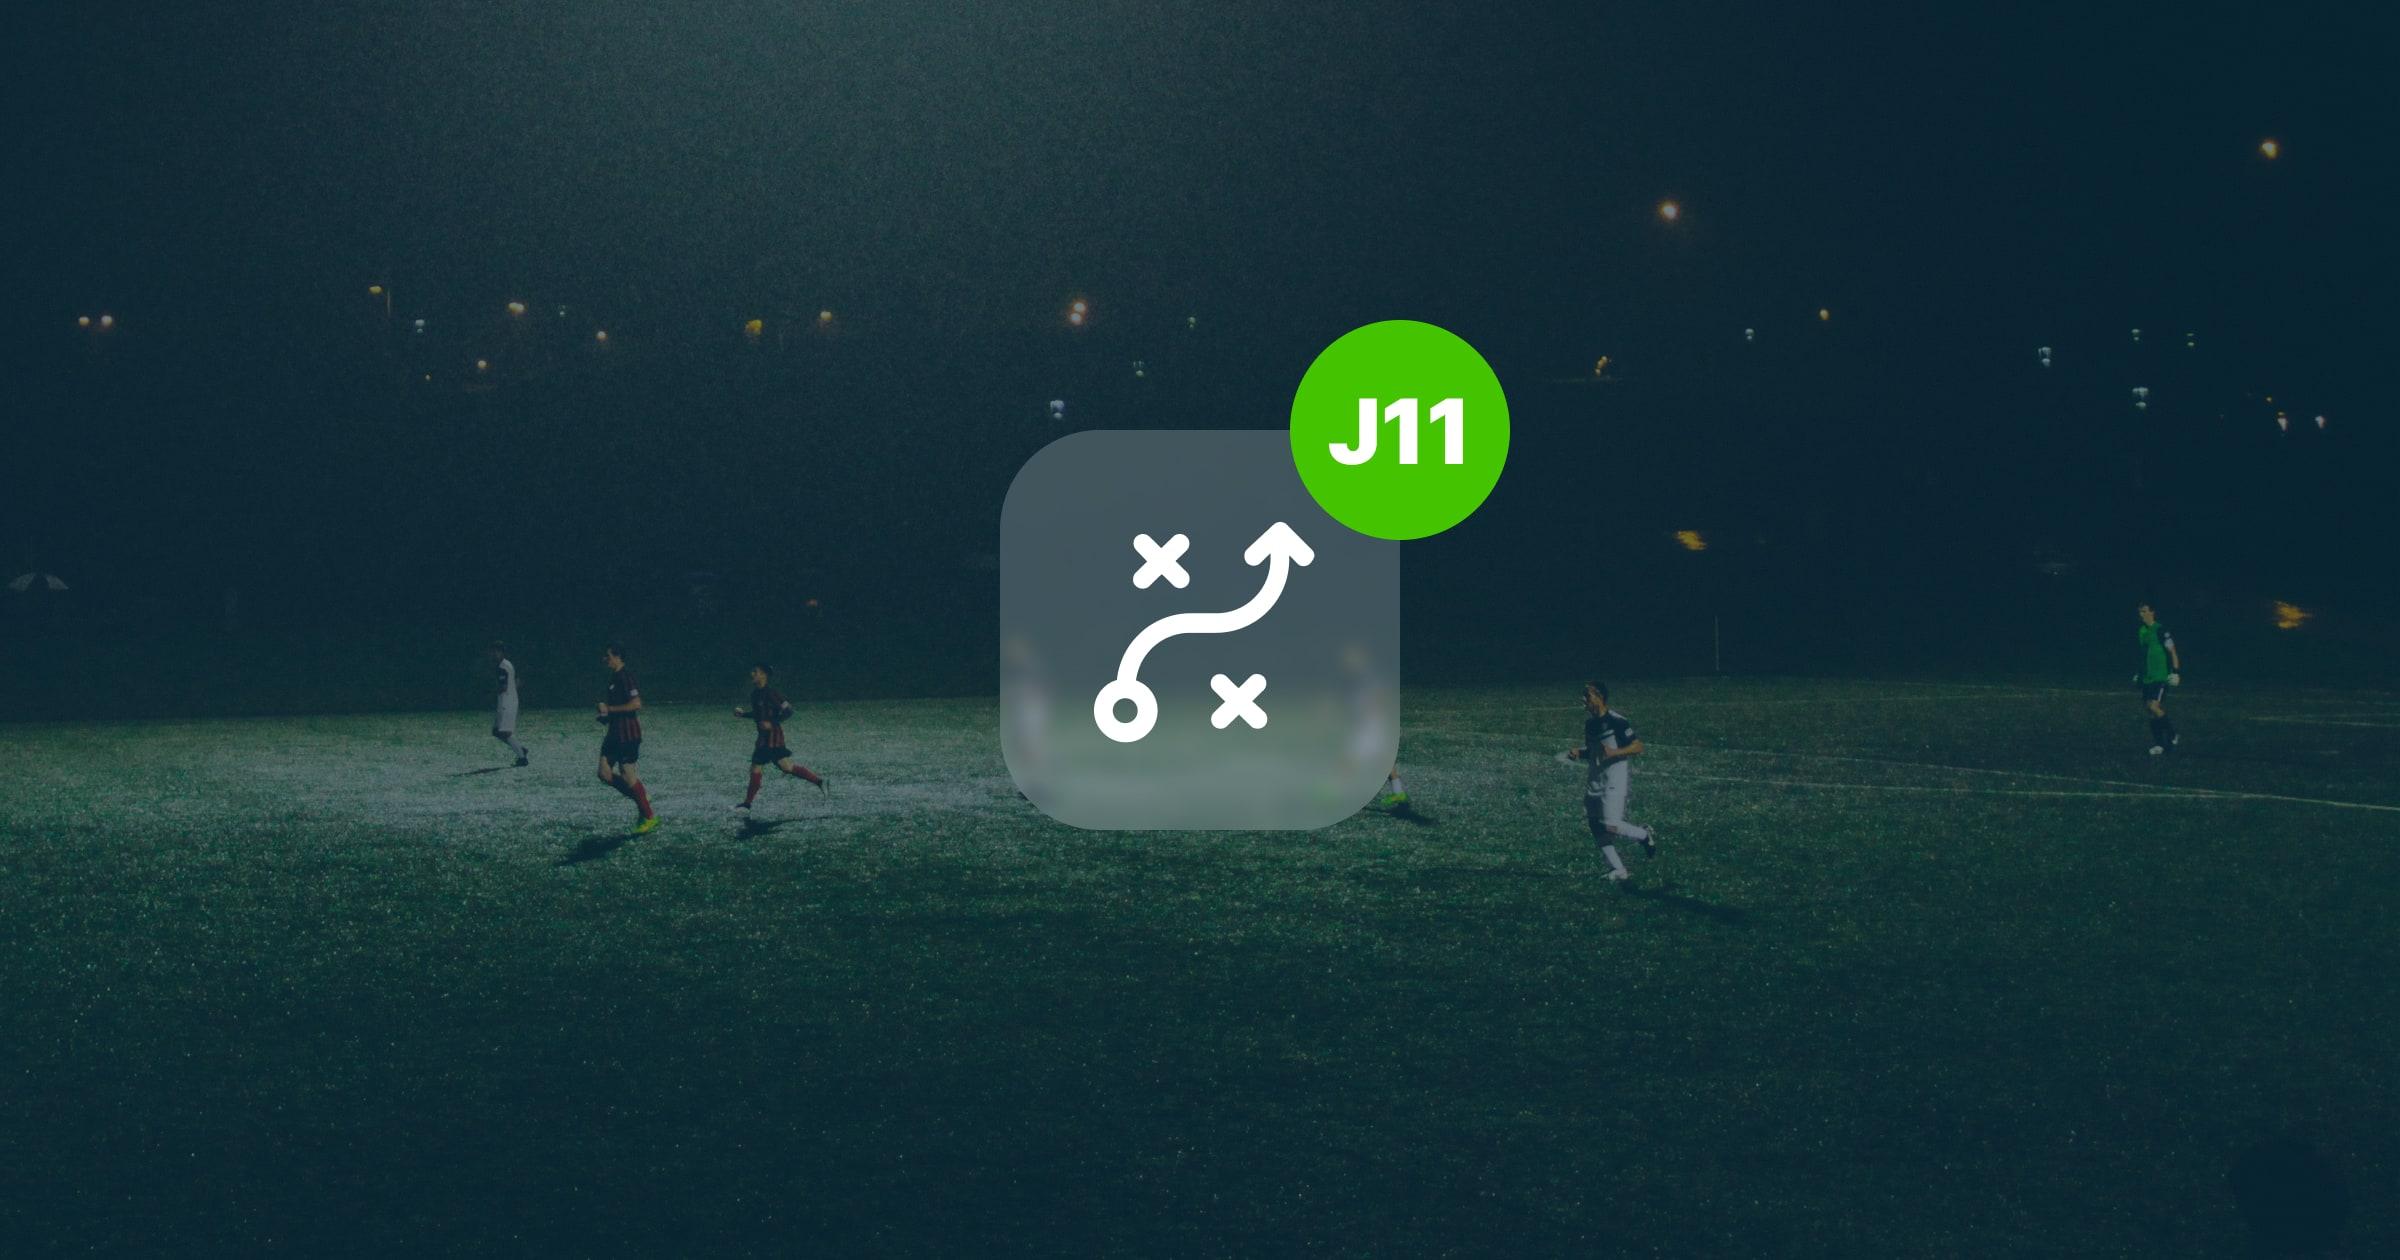 Les joueurs à suivre pour la J11